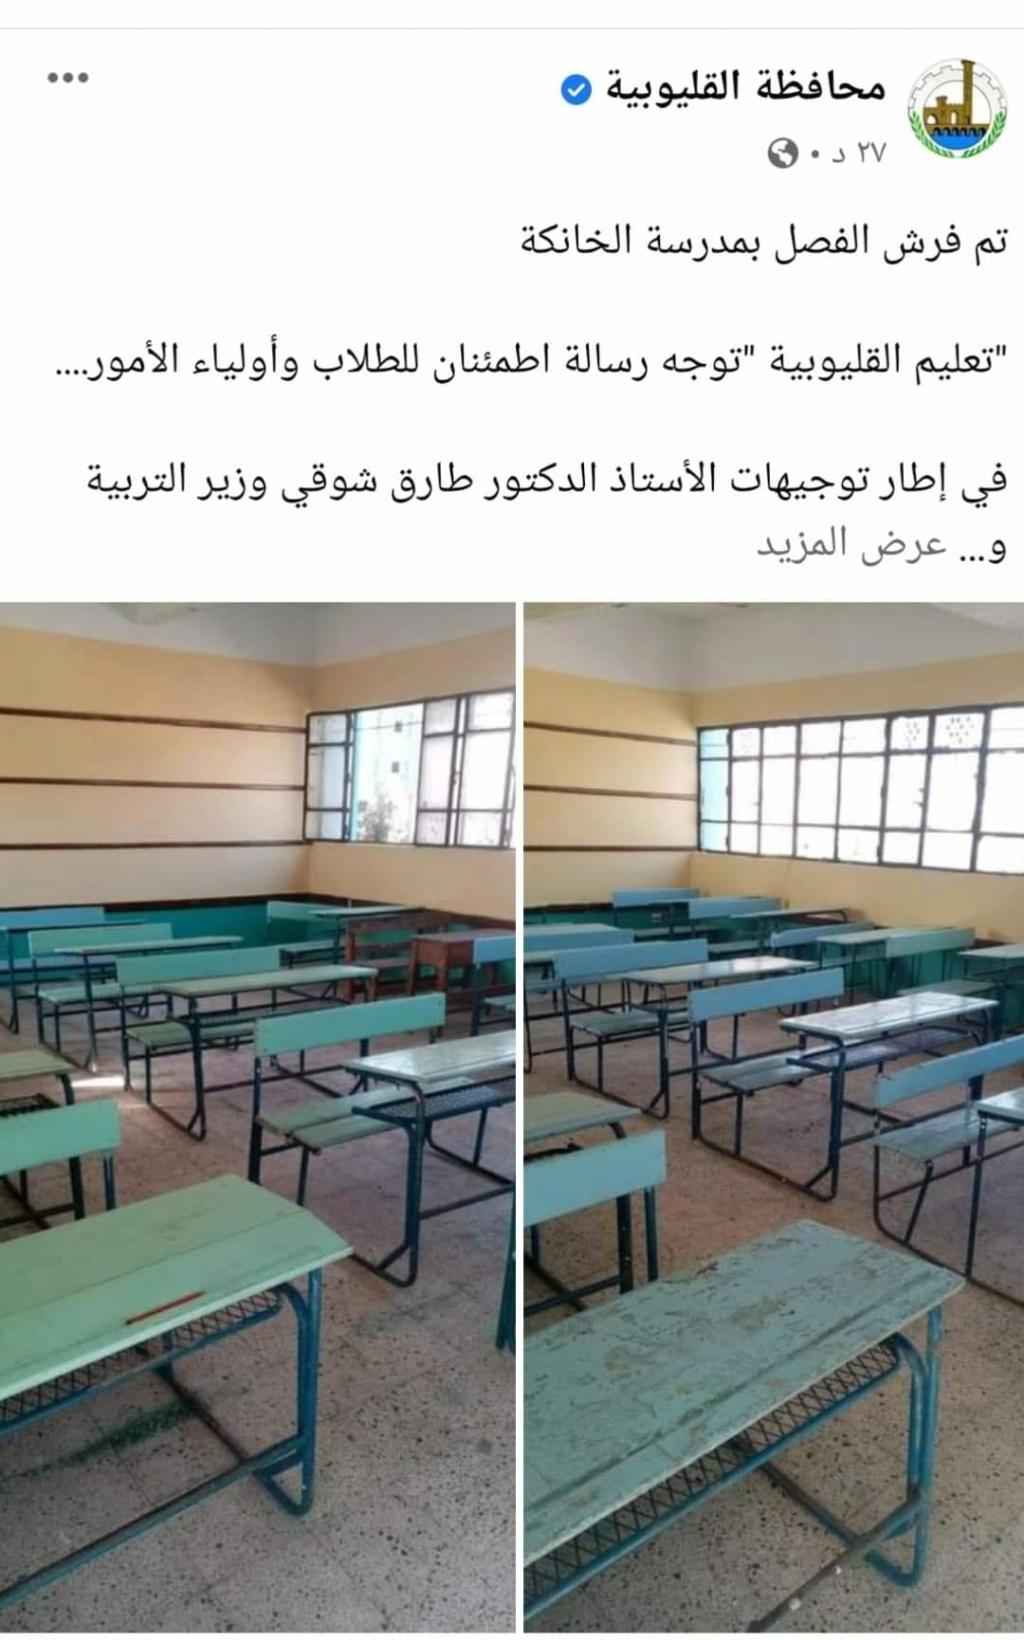 التعليم ترد علي تداول صور فصل بدون ديسكات في مدرسة بالقليوبية 446610